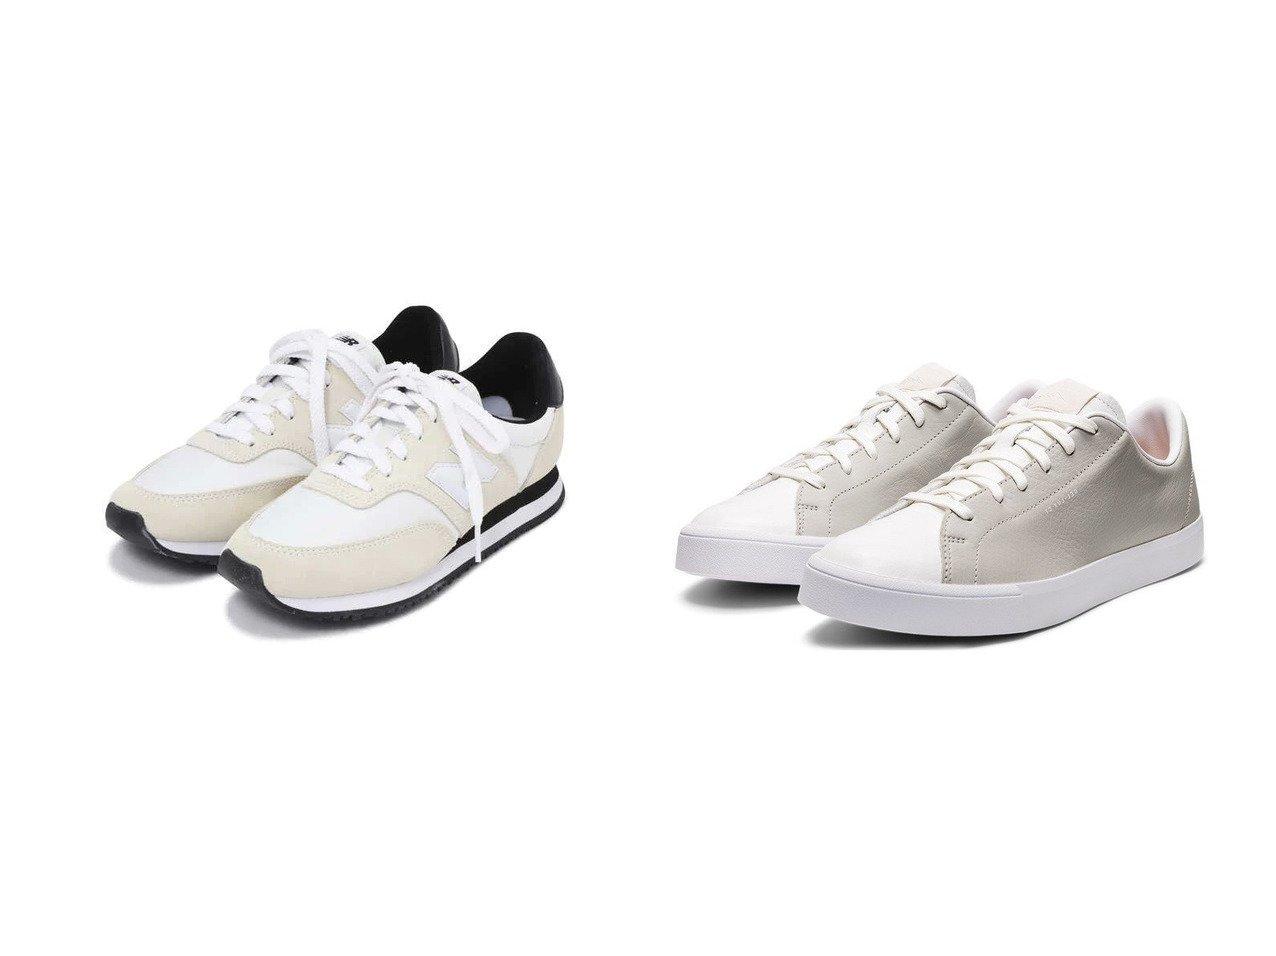 【emmi/エミ】の【ASICS】GEL-LUX CT&【NATURAL BEAUTY BASIC/ナチュラル ビューティー ベーシック】のNew Balance MCL100 【シューズ・靴】おすすめ!人気、トレンド・レディースファッションの通販 おすすめで人気の流行・トレンド、ファッションの通販商品 インテリア・家具・メンズファッション・キッズファッション・レディースファッション・服の通販 founy(ファニー) https://founy.com/ ファッション Fashion レディースファッション WOMEN アウター Coat Outerwear コルク シューズ スニーカー スリッポン 軽量 S/S・春夏 SS・Spring/Summer クラシカル バランス レース 夏 Summer 春 Spring  ID:crp329100000055583